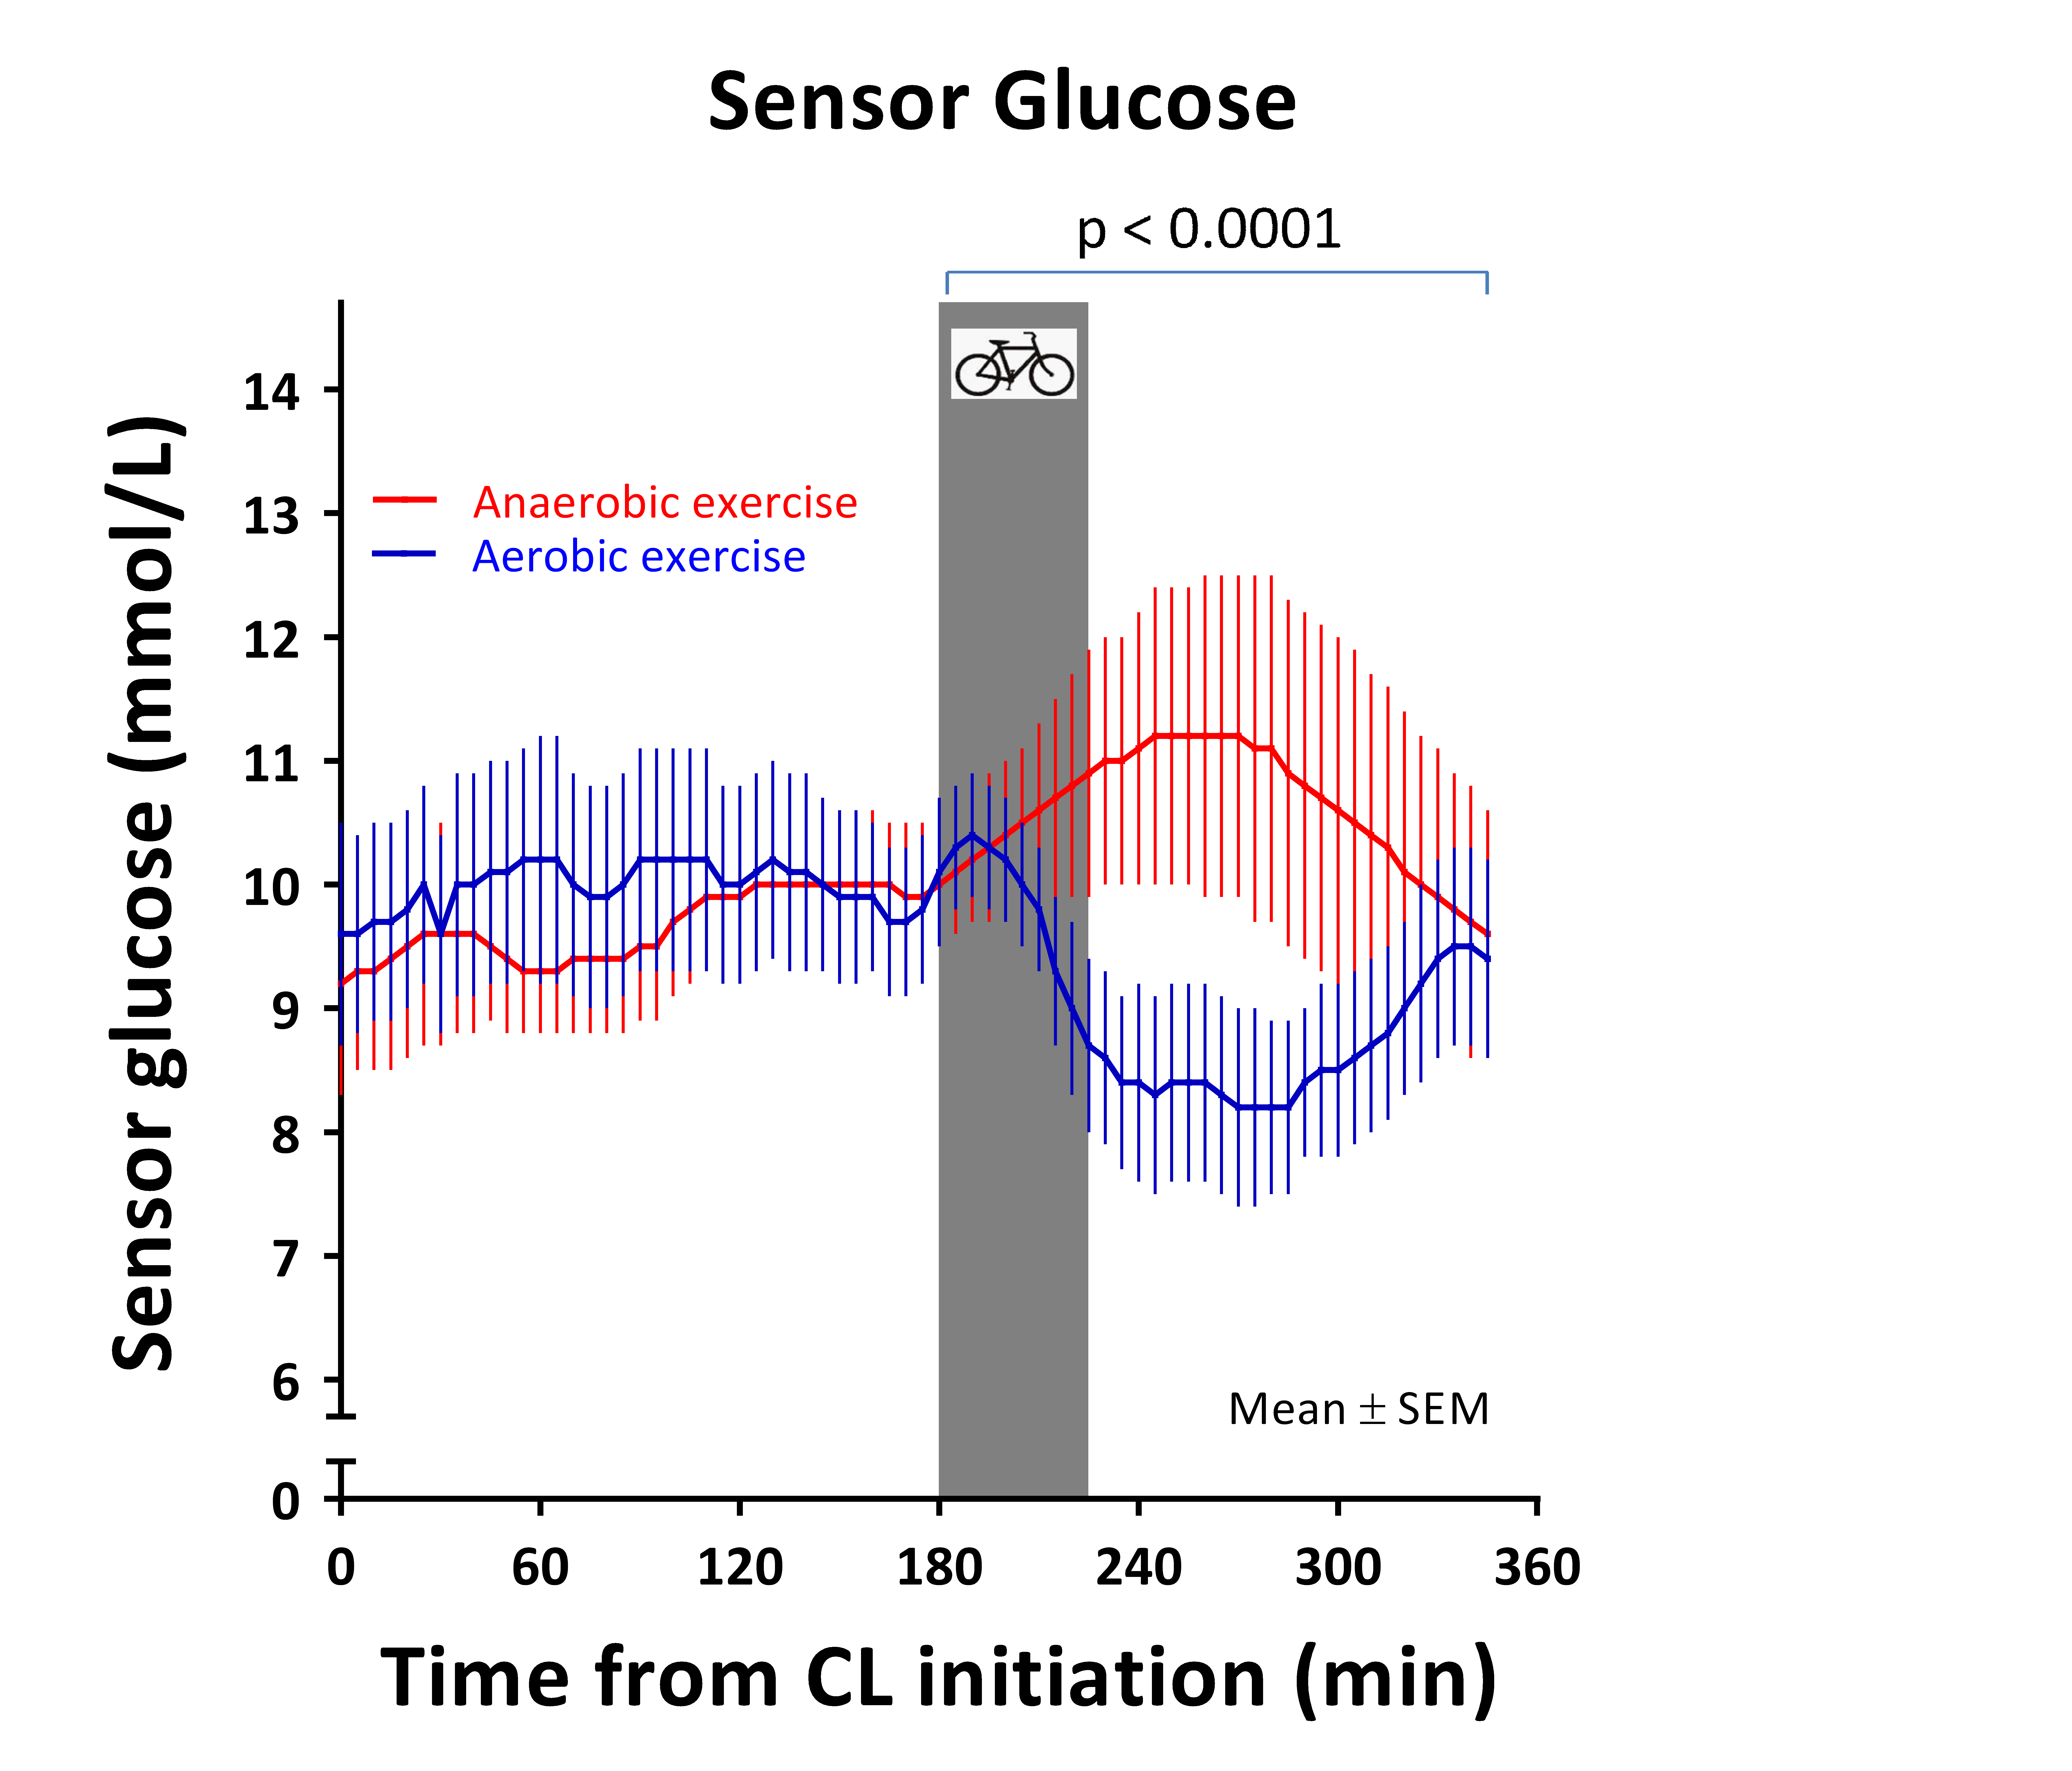 57407ae835396-Sensor+glucose+jpeg.jpg